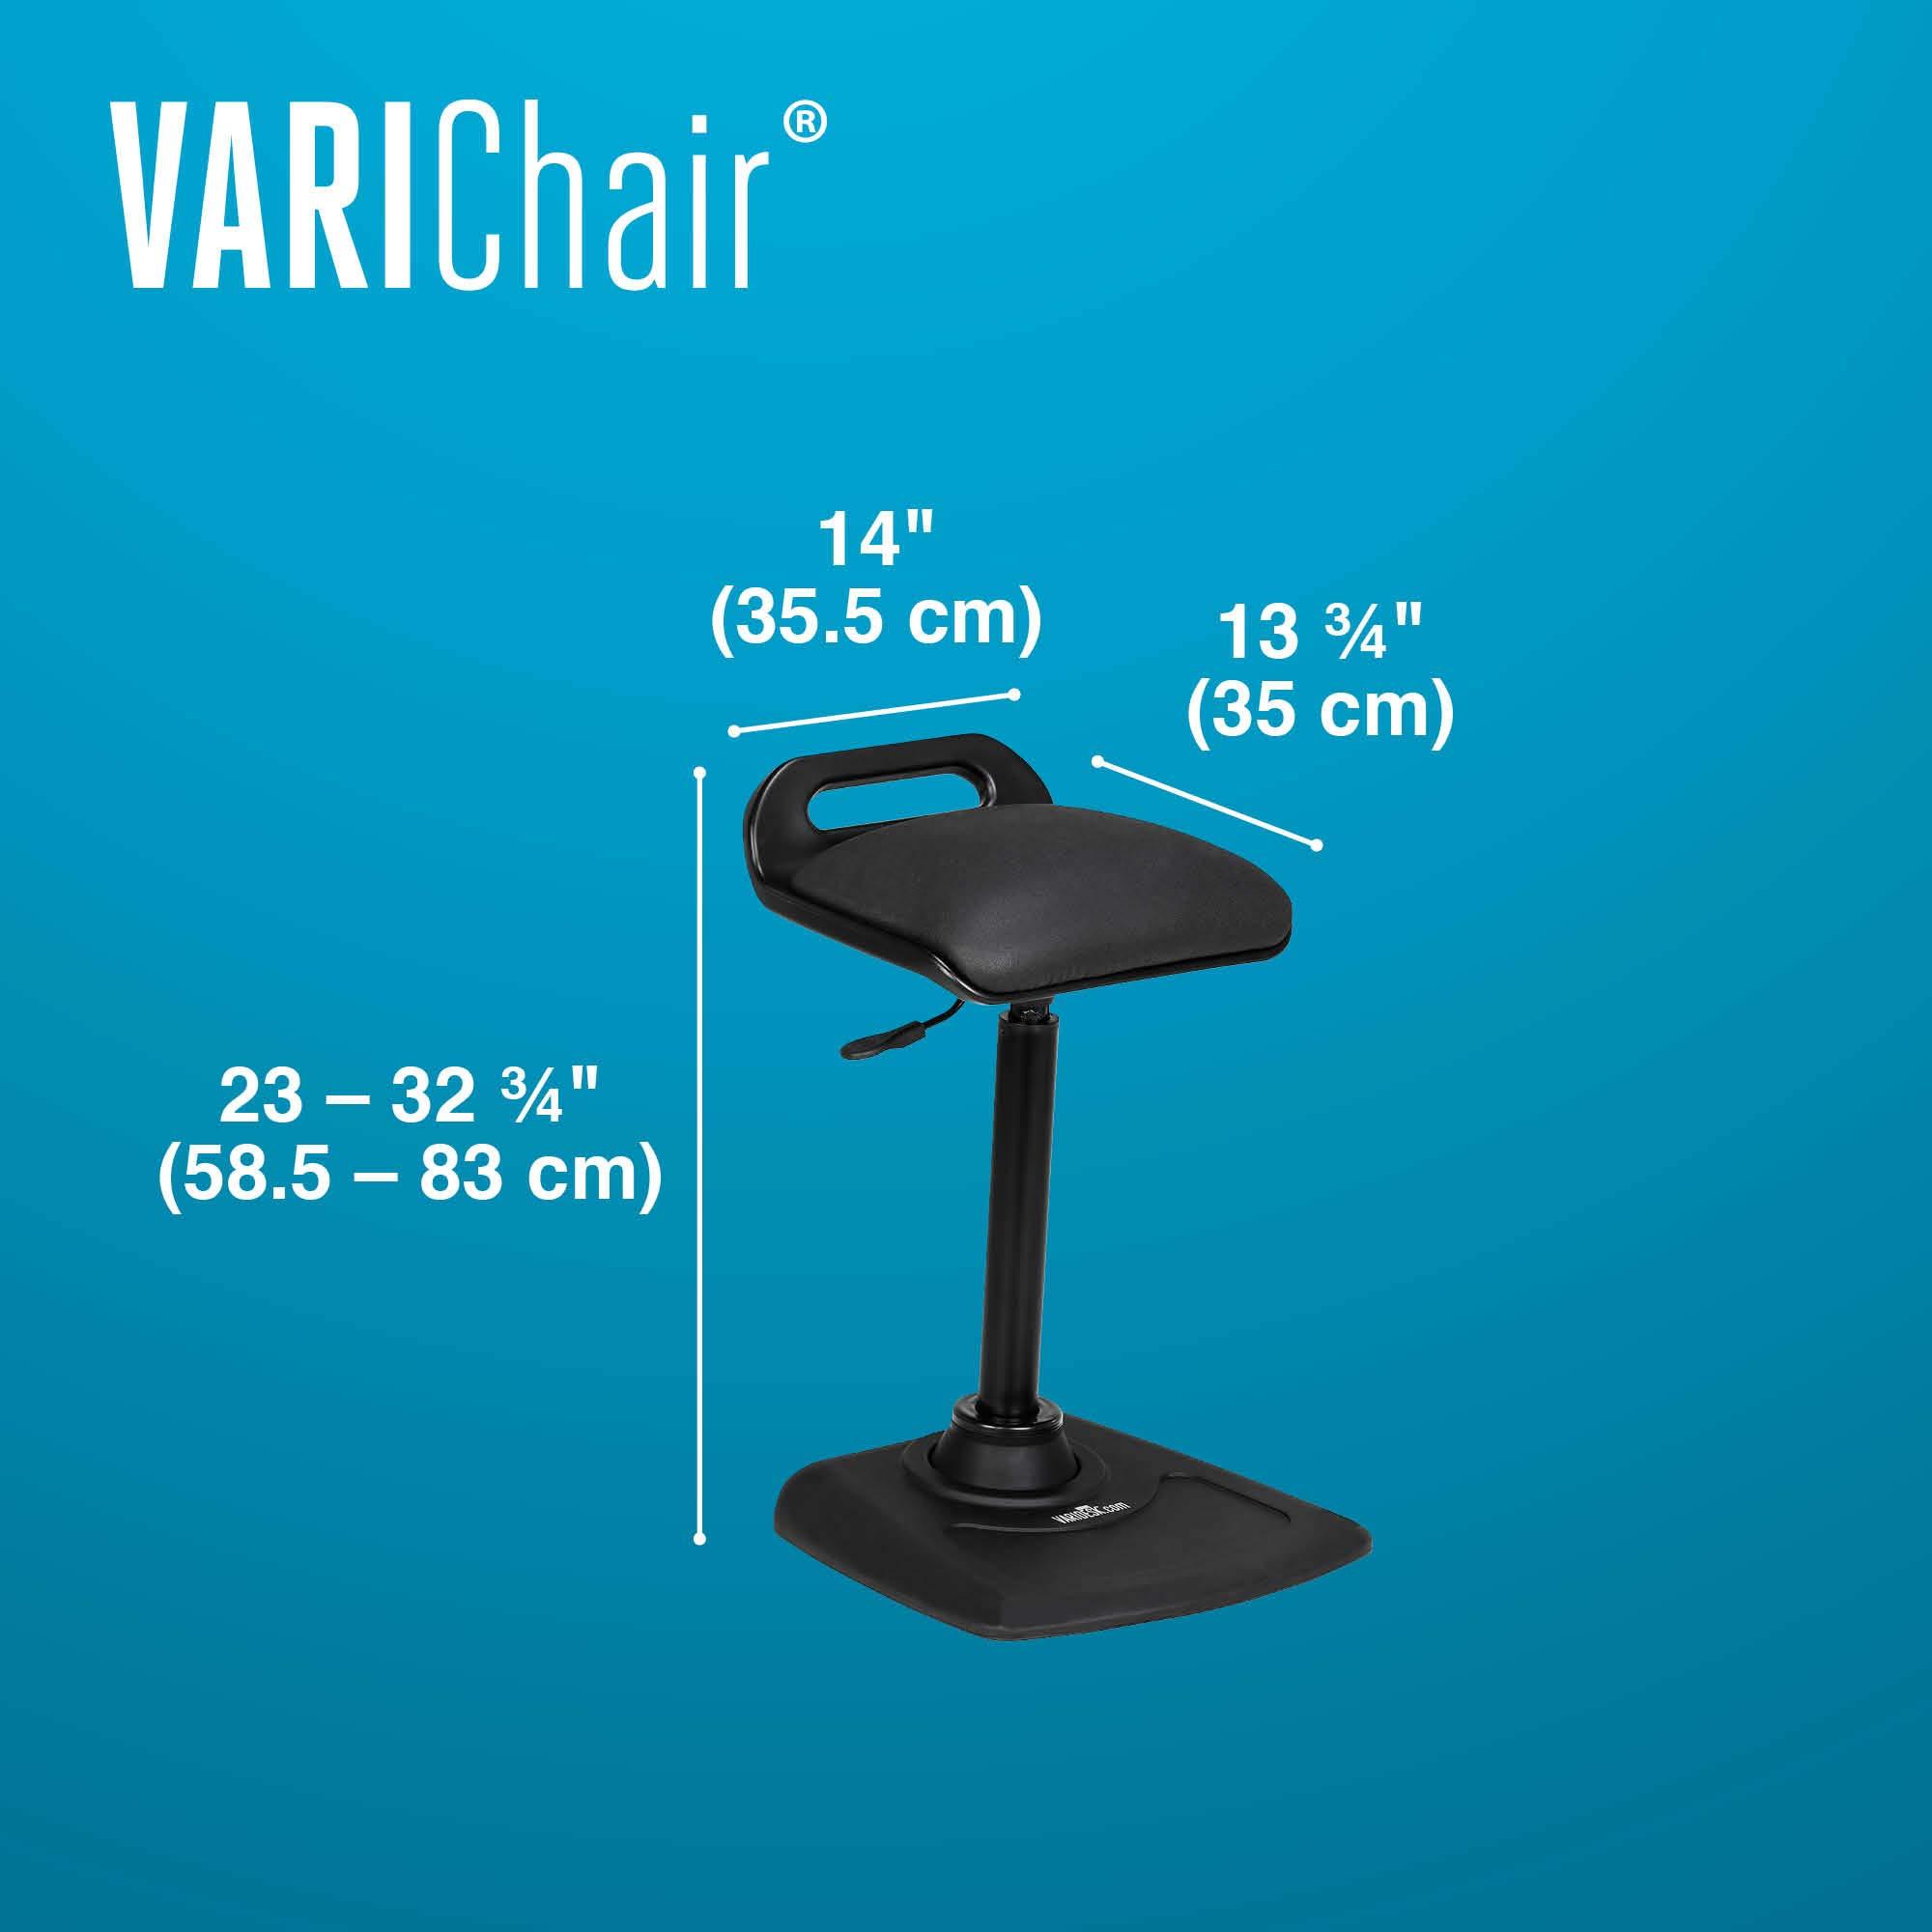 VARIDESK - Adjustable Standing Desk Chair - VARIChair - Black by VARIDESK